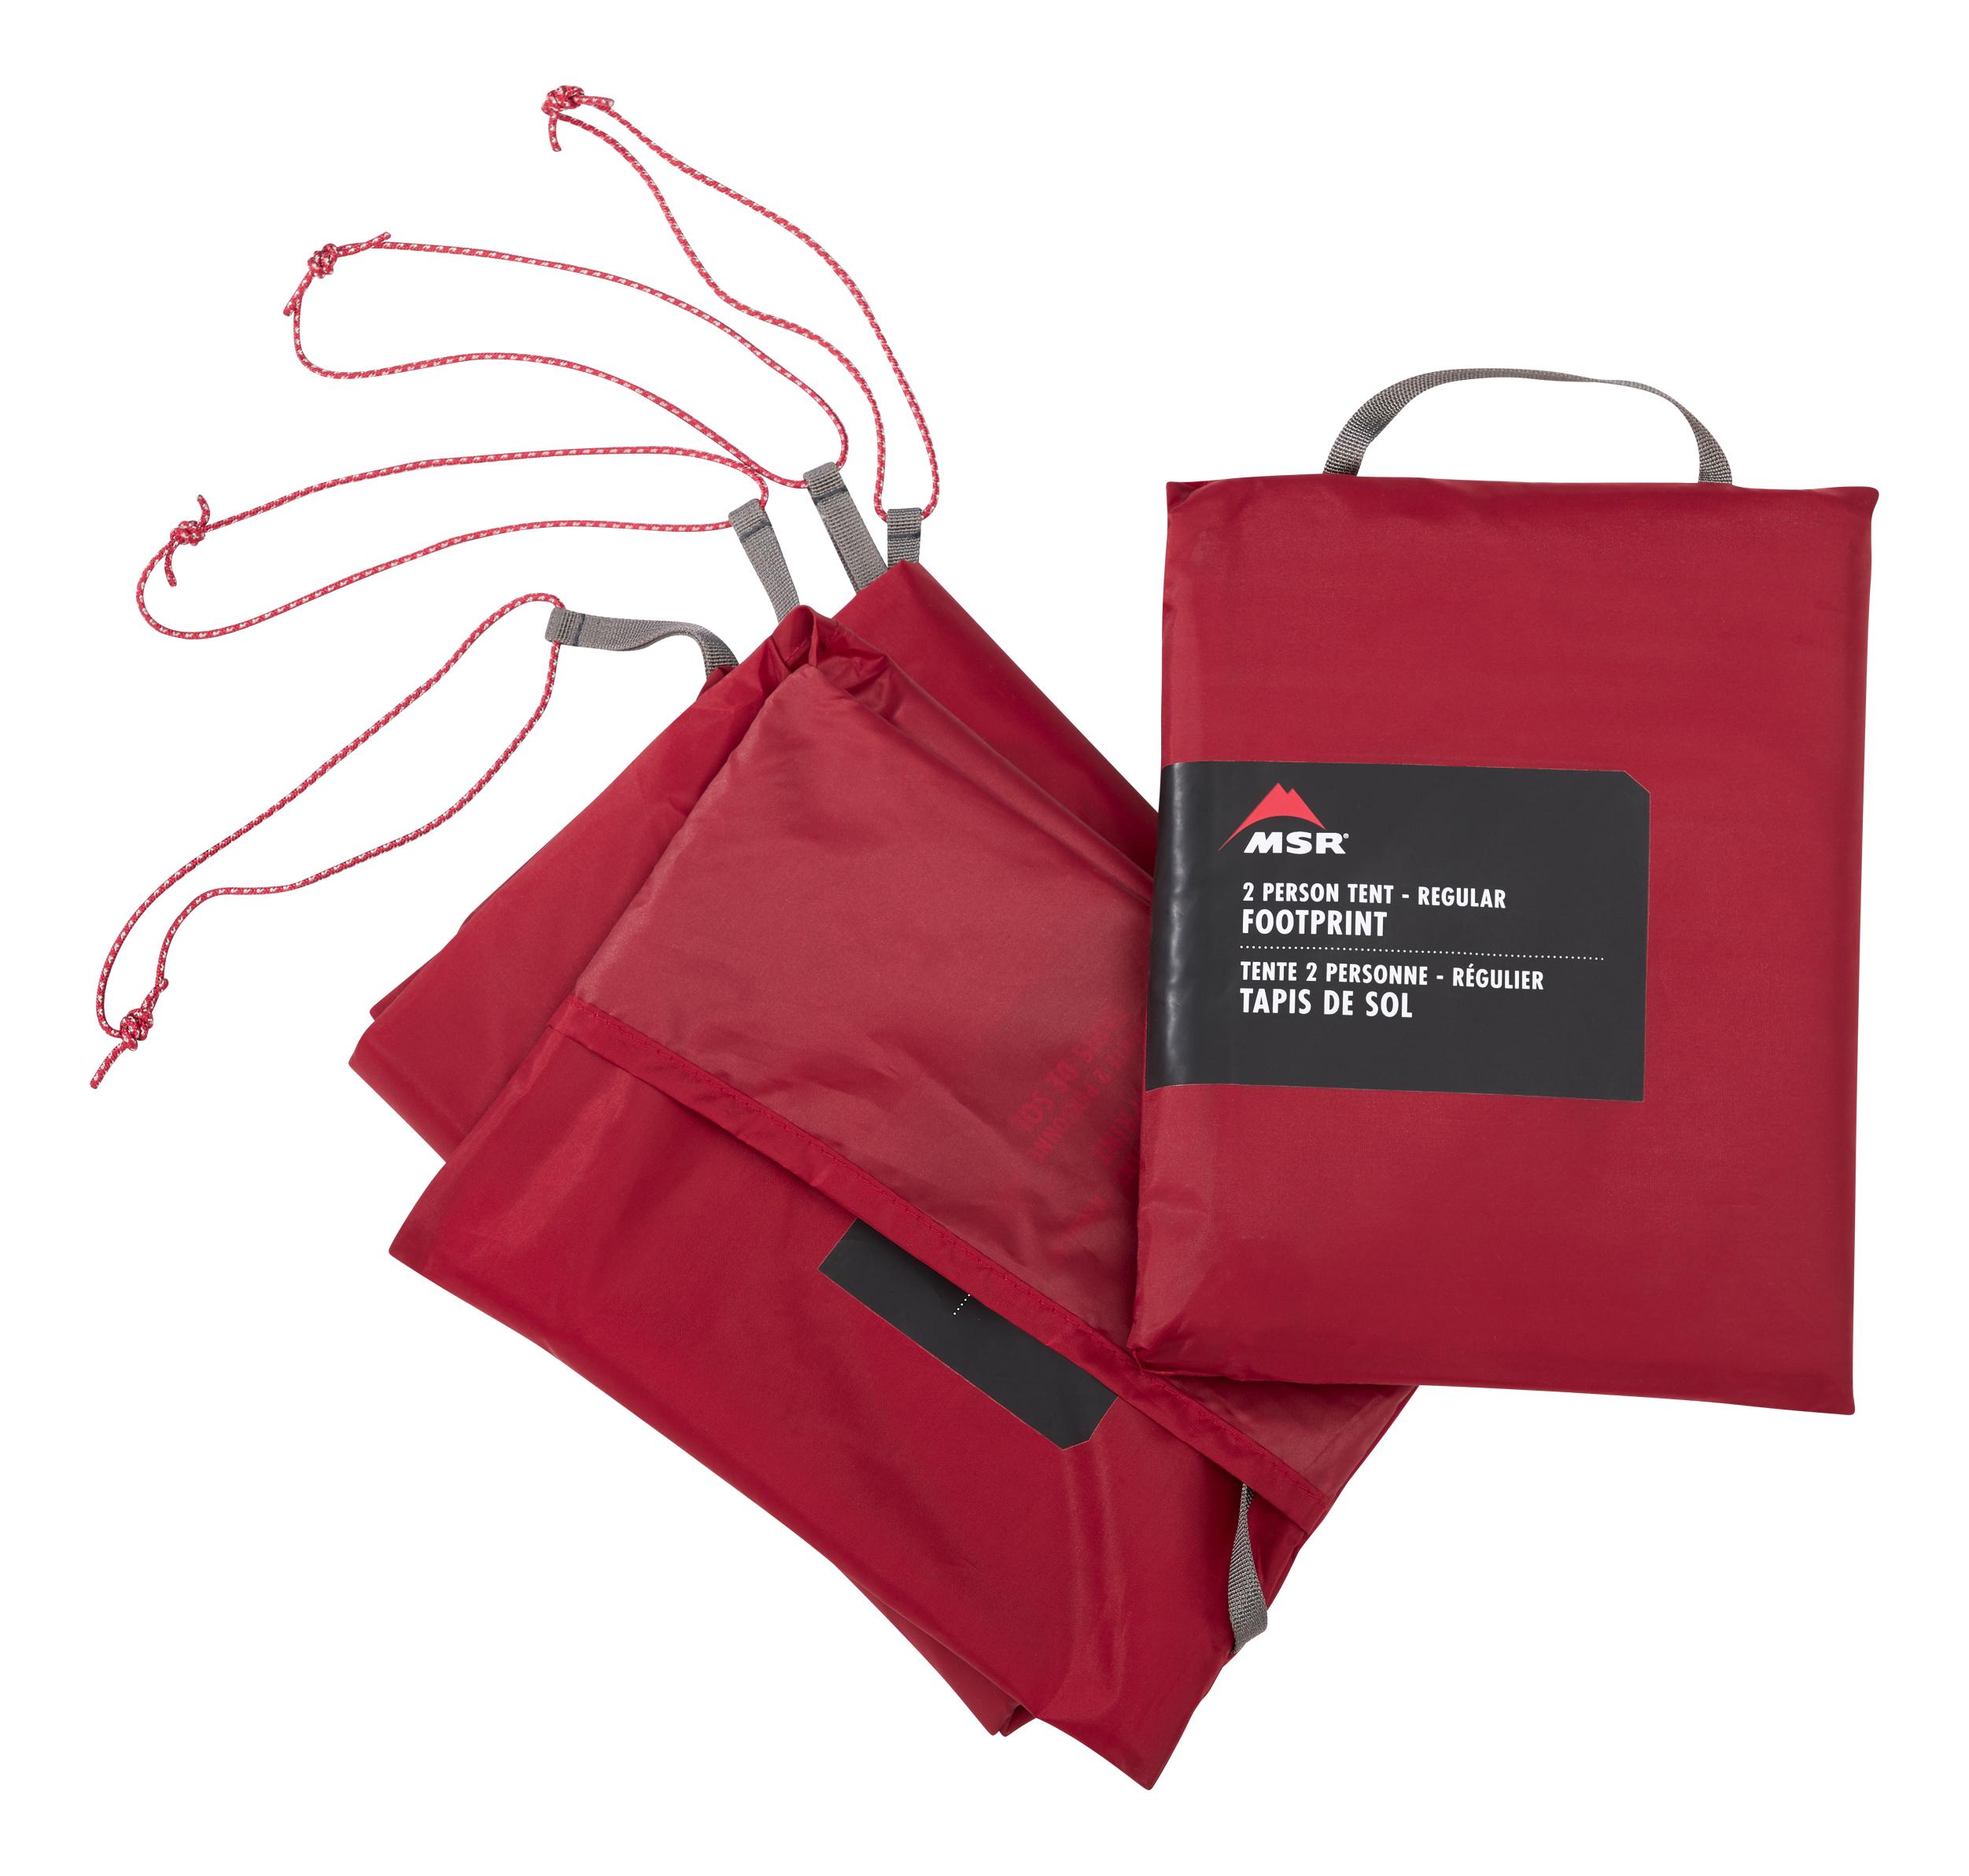 Пол для палатки MSR Universal 1 Large 13009 красный